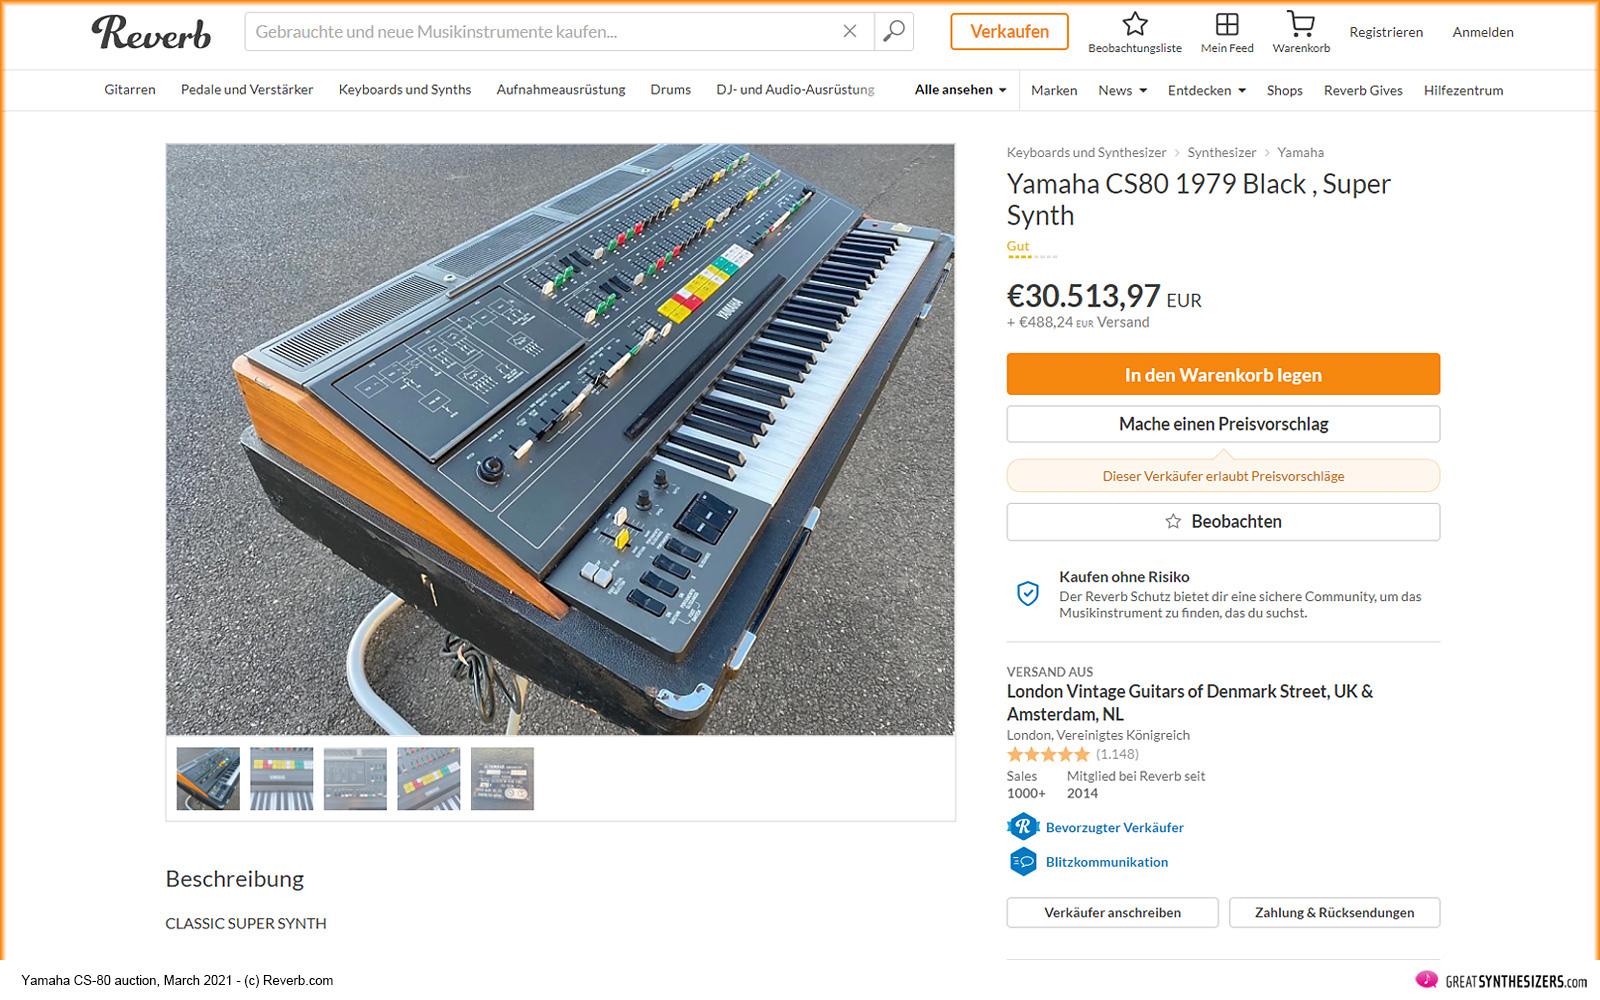 Yamaha CS-80 Synthesizer Reverb Auction